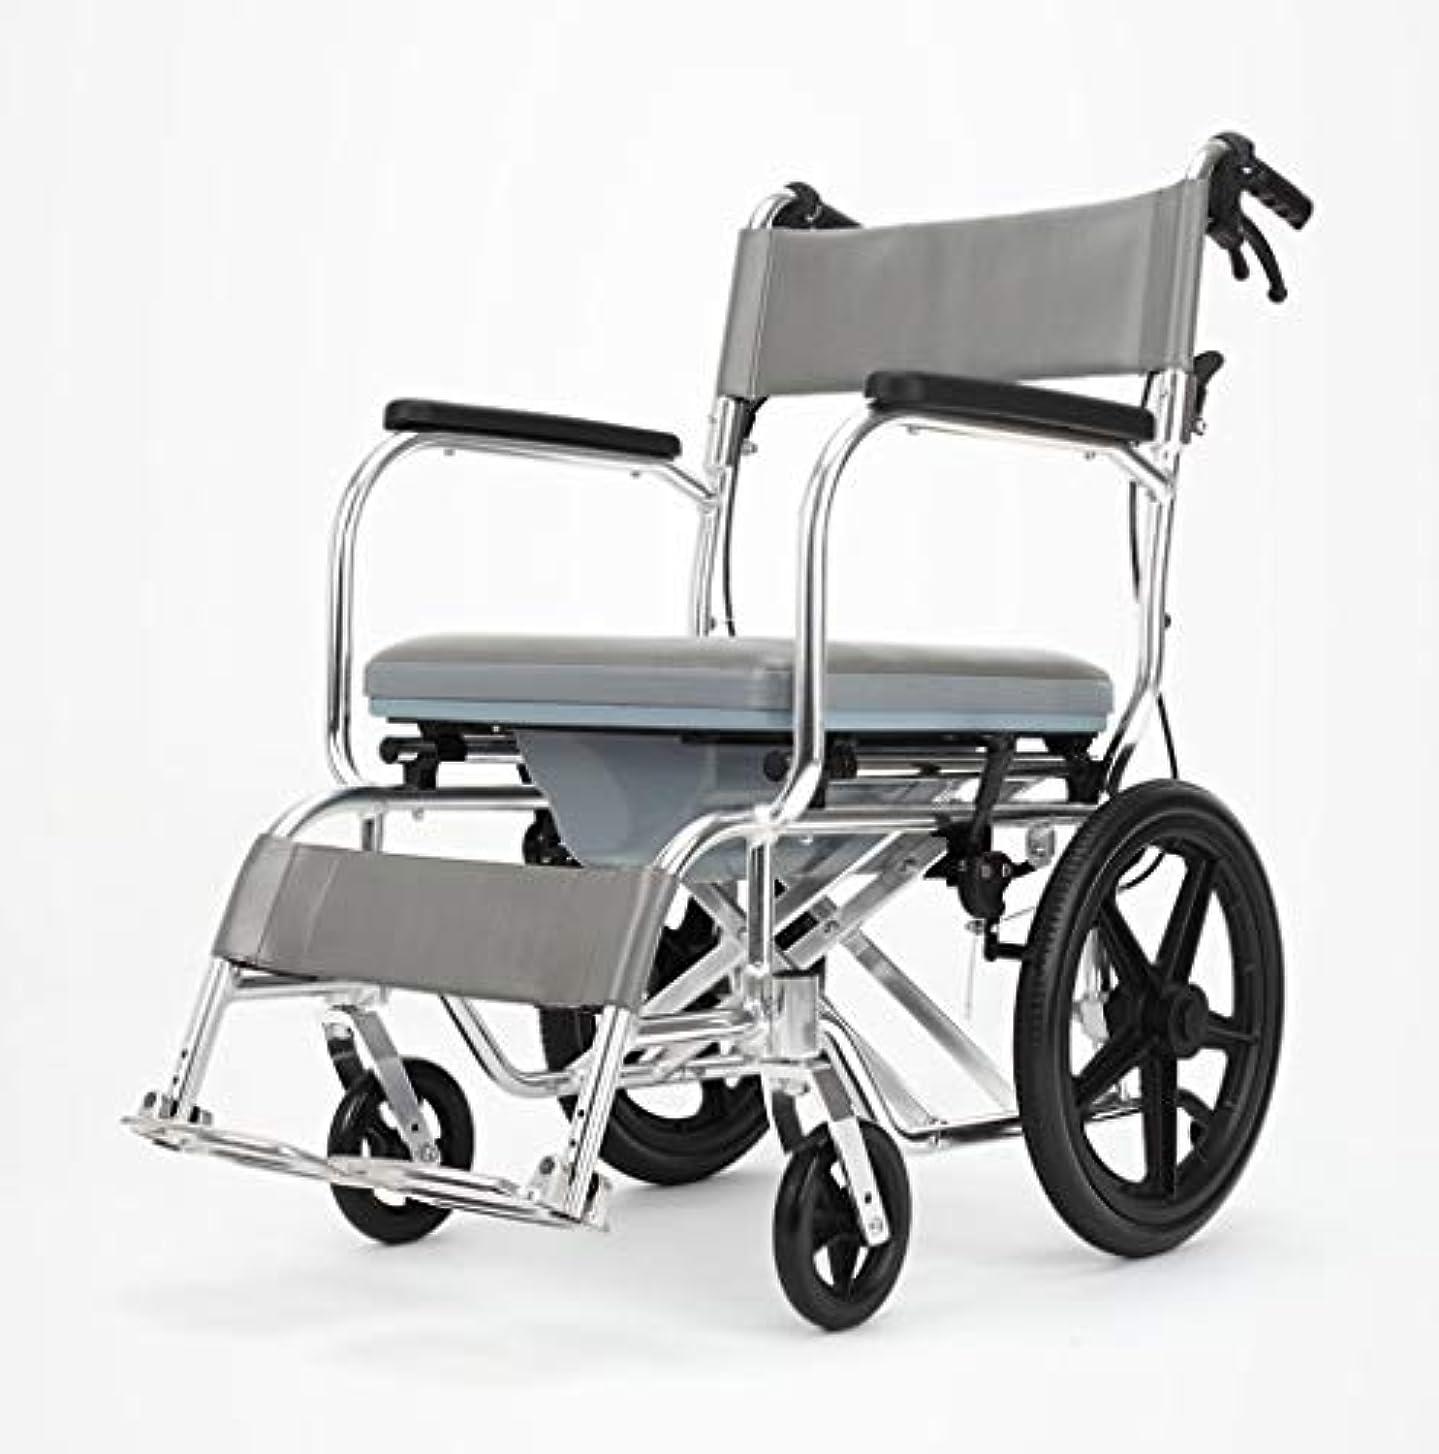 言及する太鼓腹風が強い車椅子折りたたみ式多機能安全ケア、ブレーキ、ポータブルトロリー、身体障害者用屋外車椅子